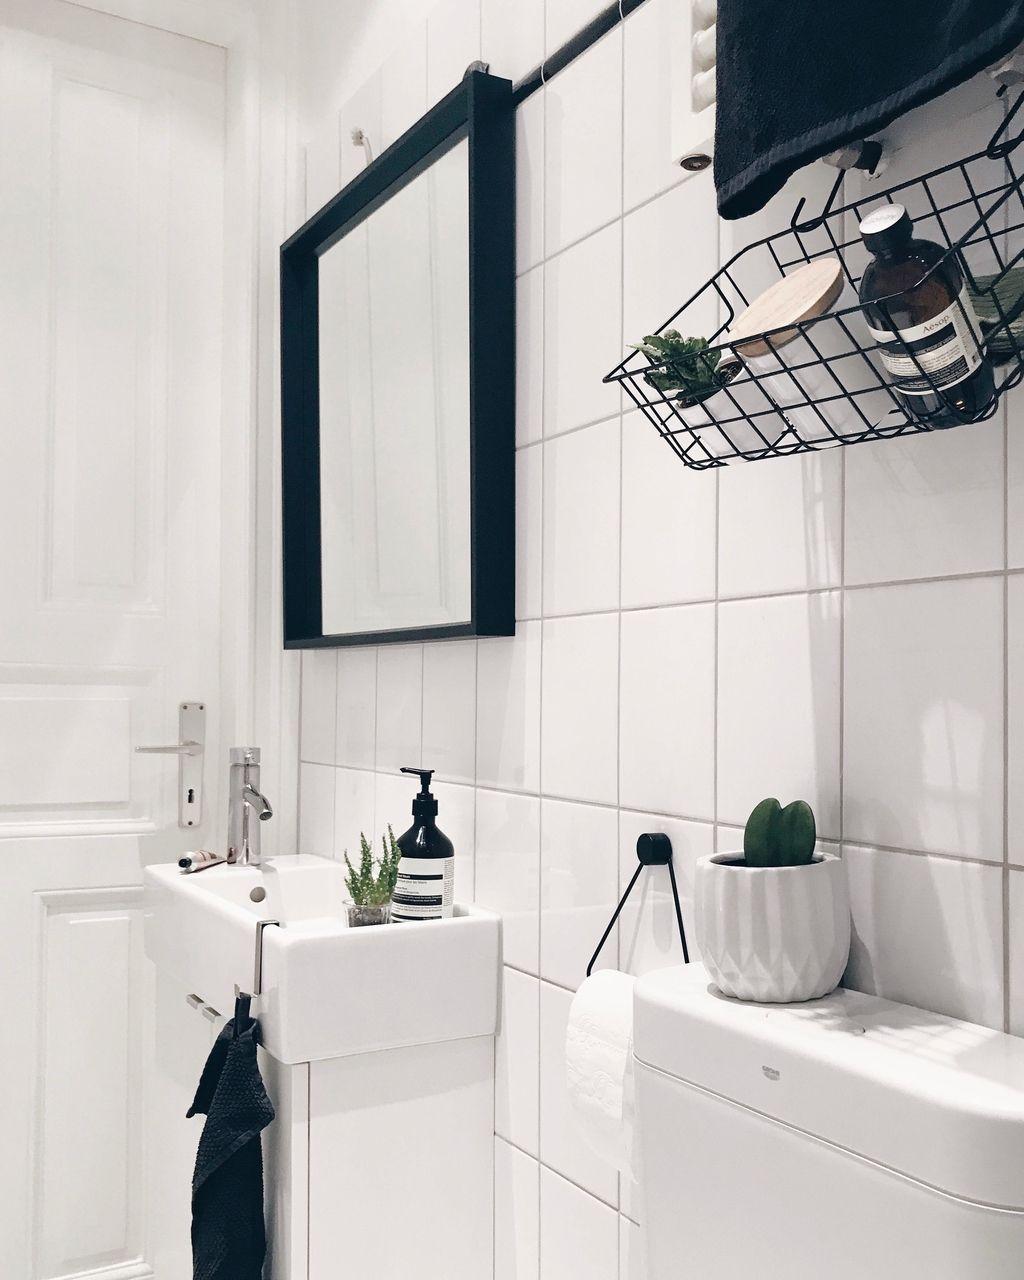 3 Zimmer Altbau In Ottensen Badezimmer Badezimmer Einrichtung Badezimmer Klein